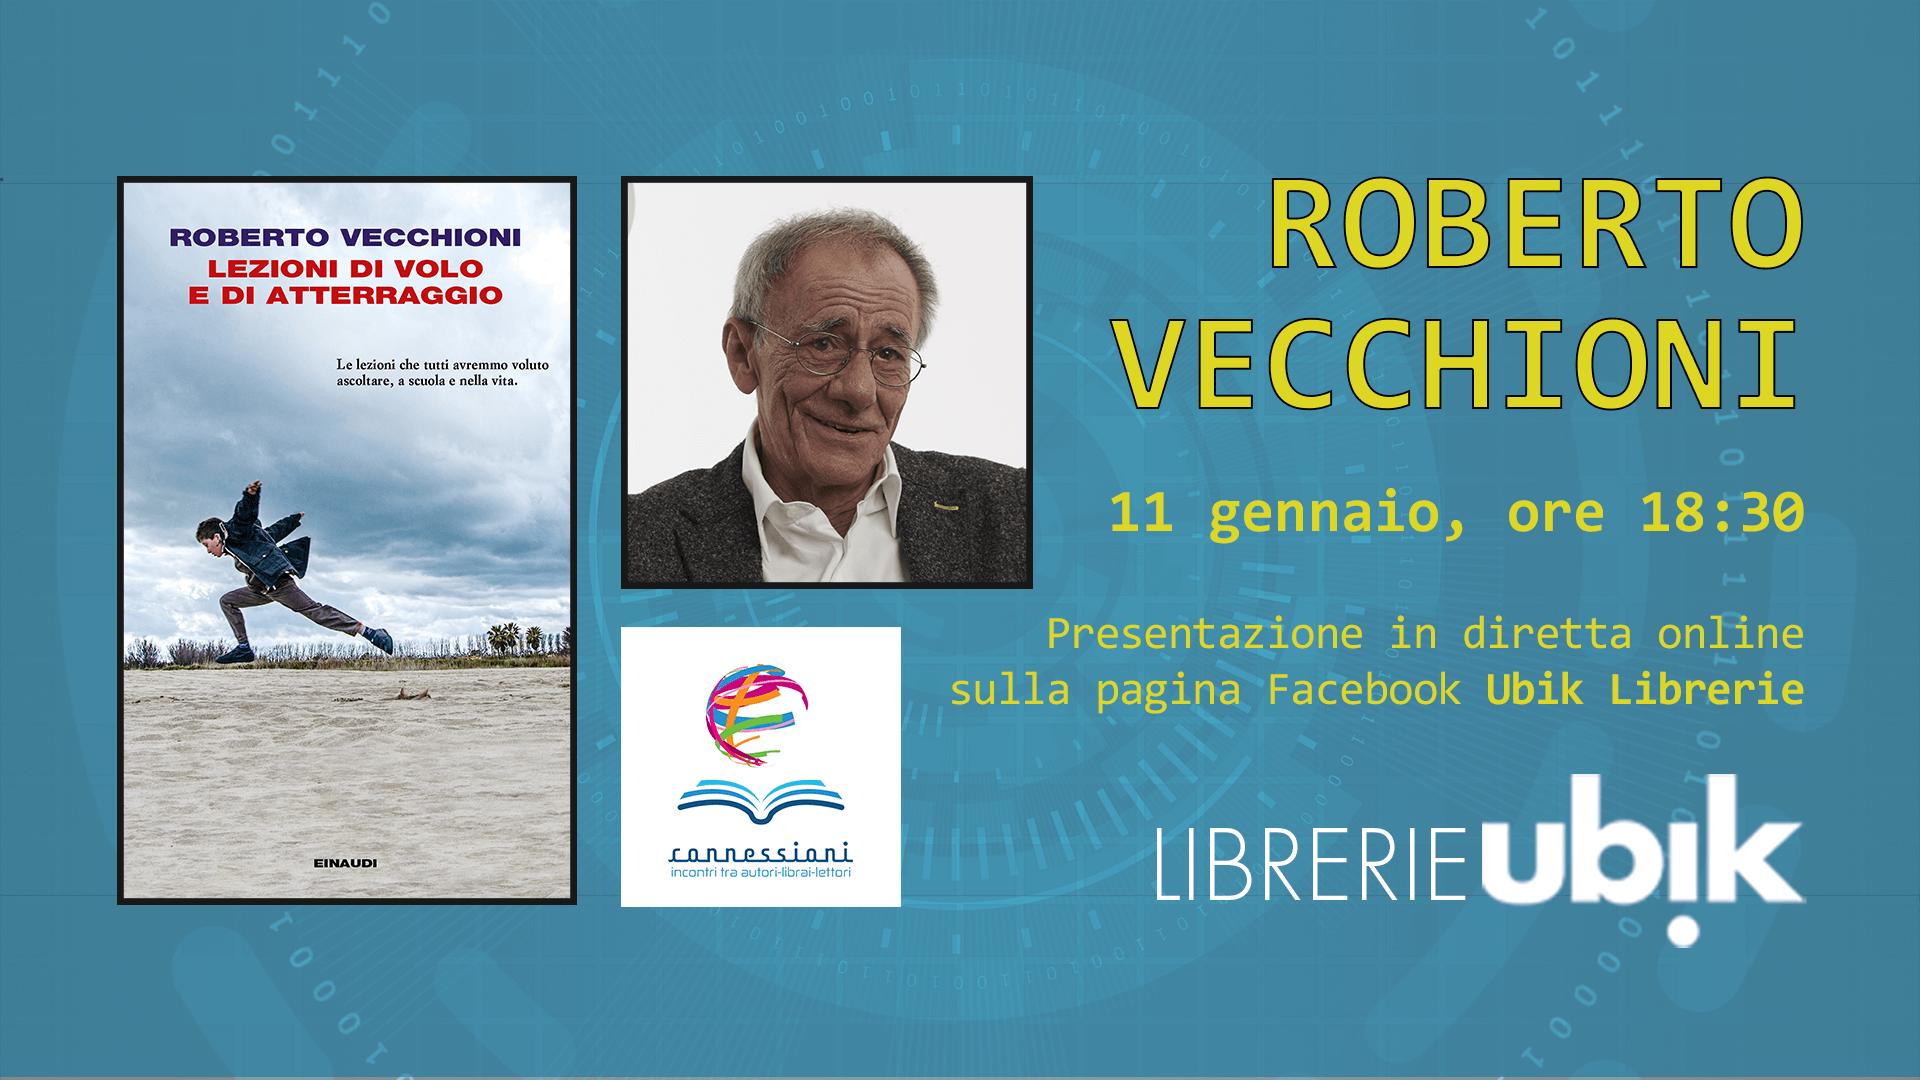 ROBERTO VECCHIONI presenta in diretta online